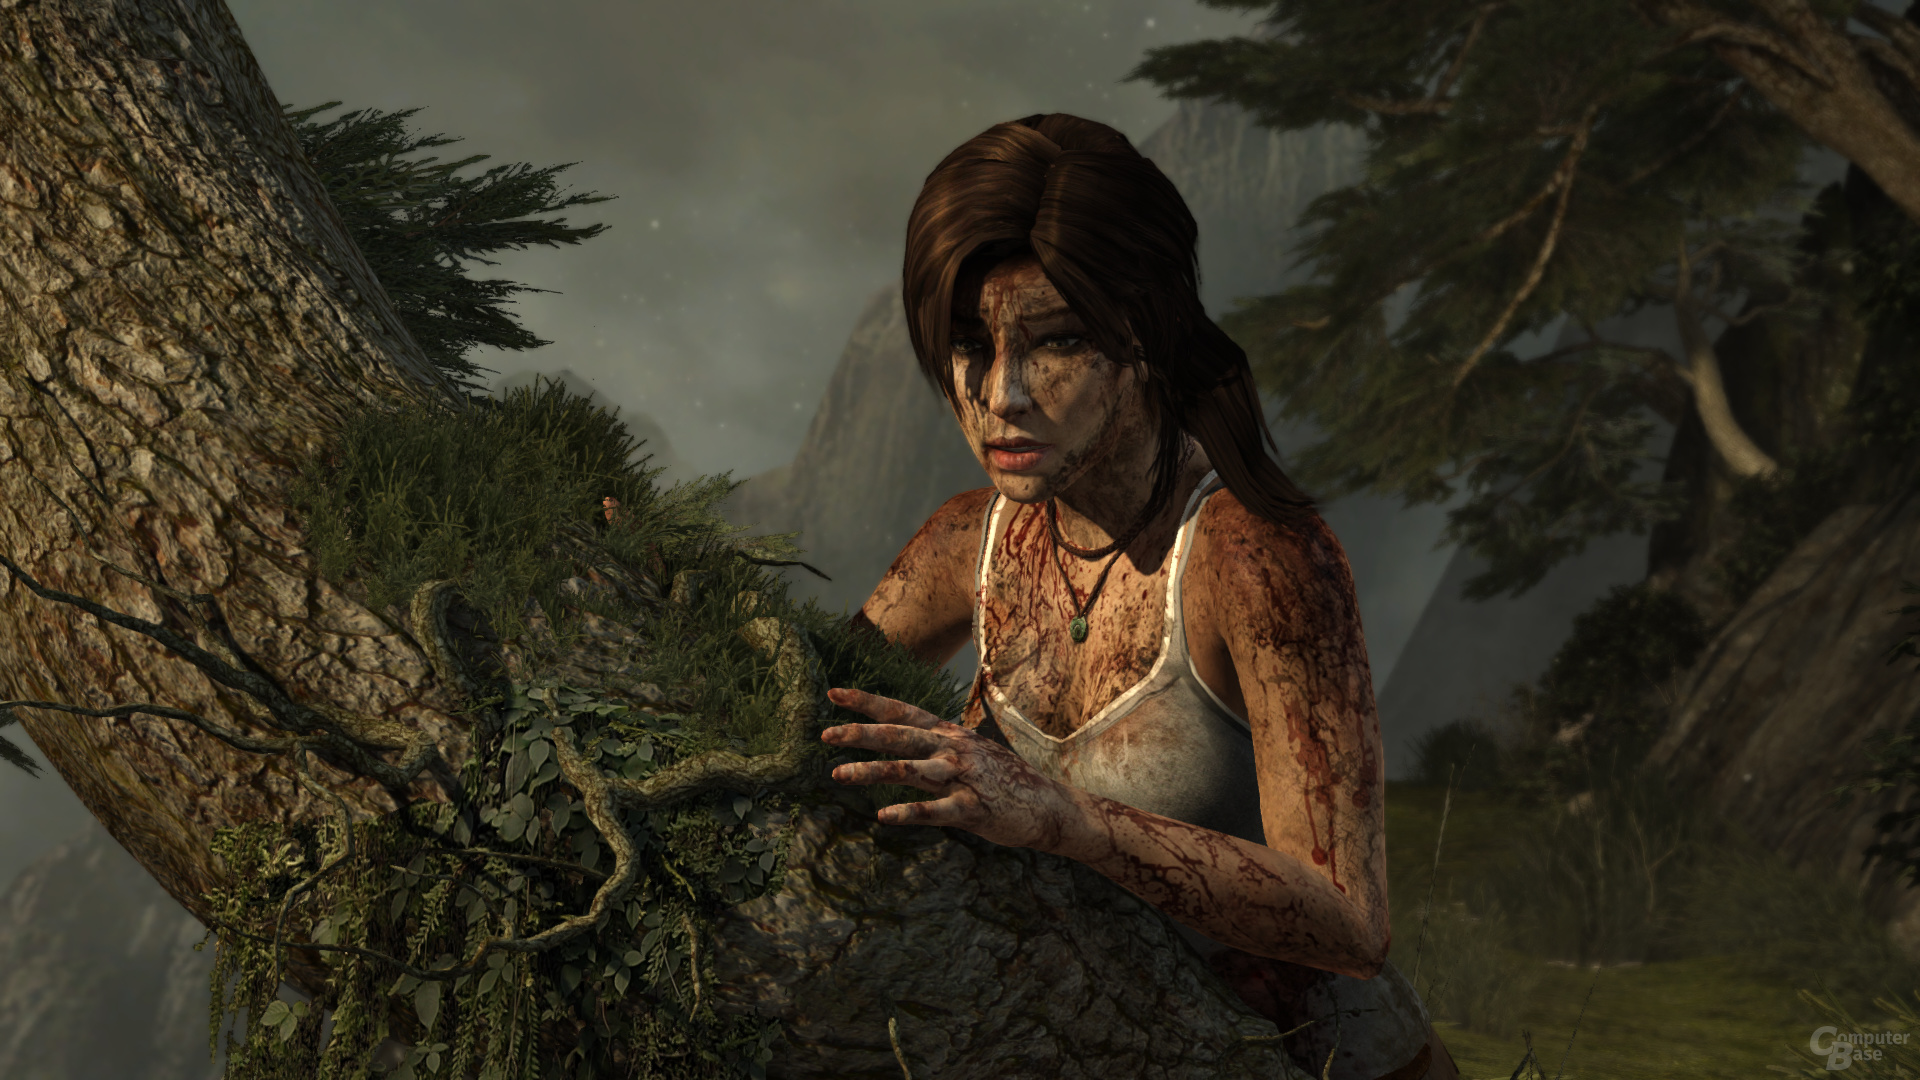 Tomb Raider, reduzierte Details, DX11